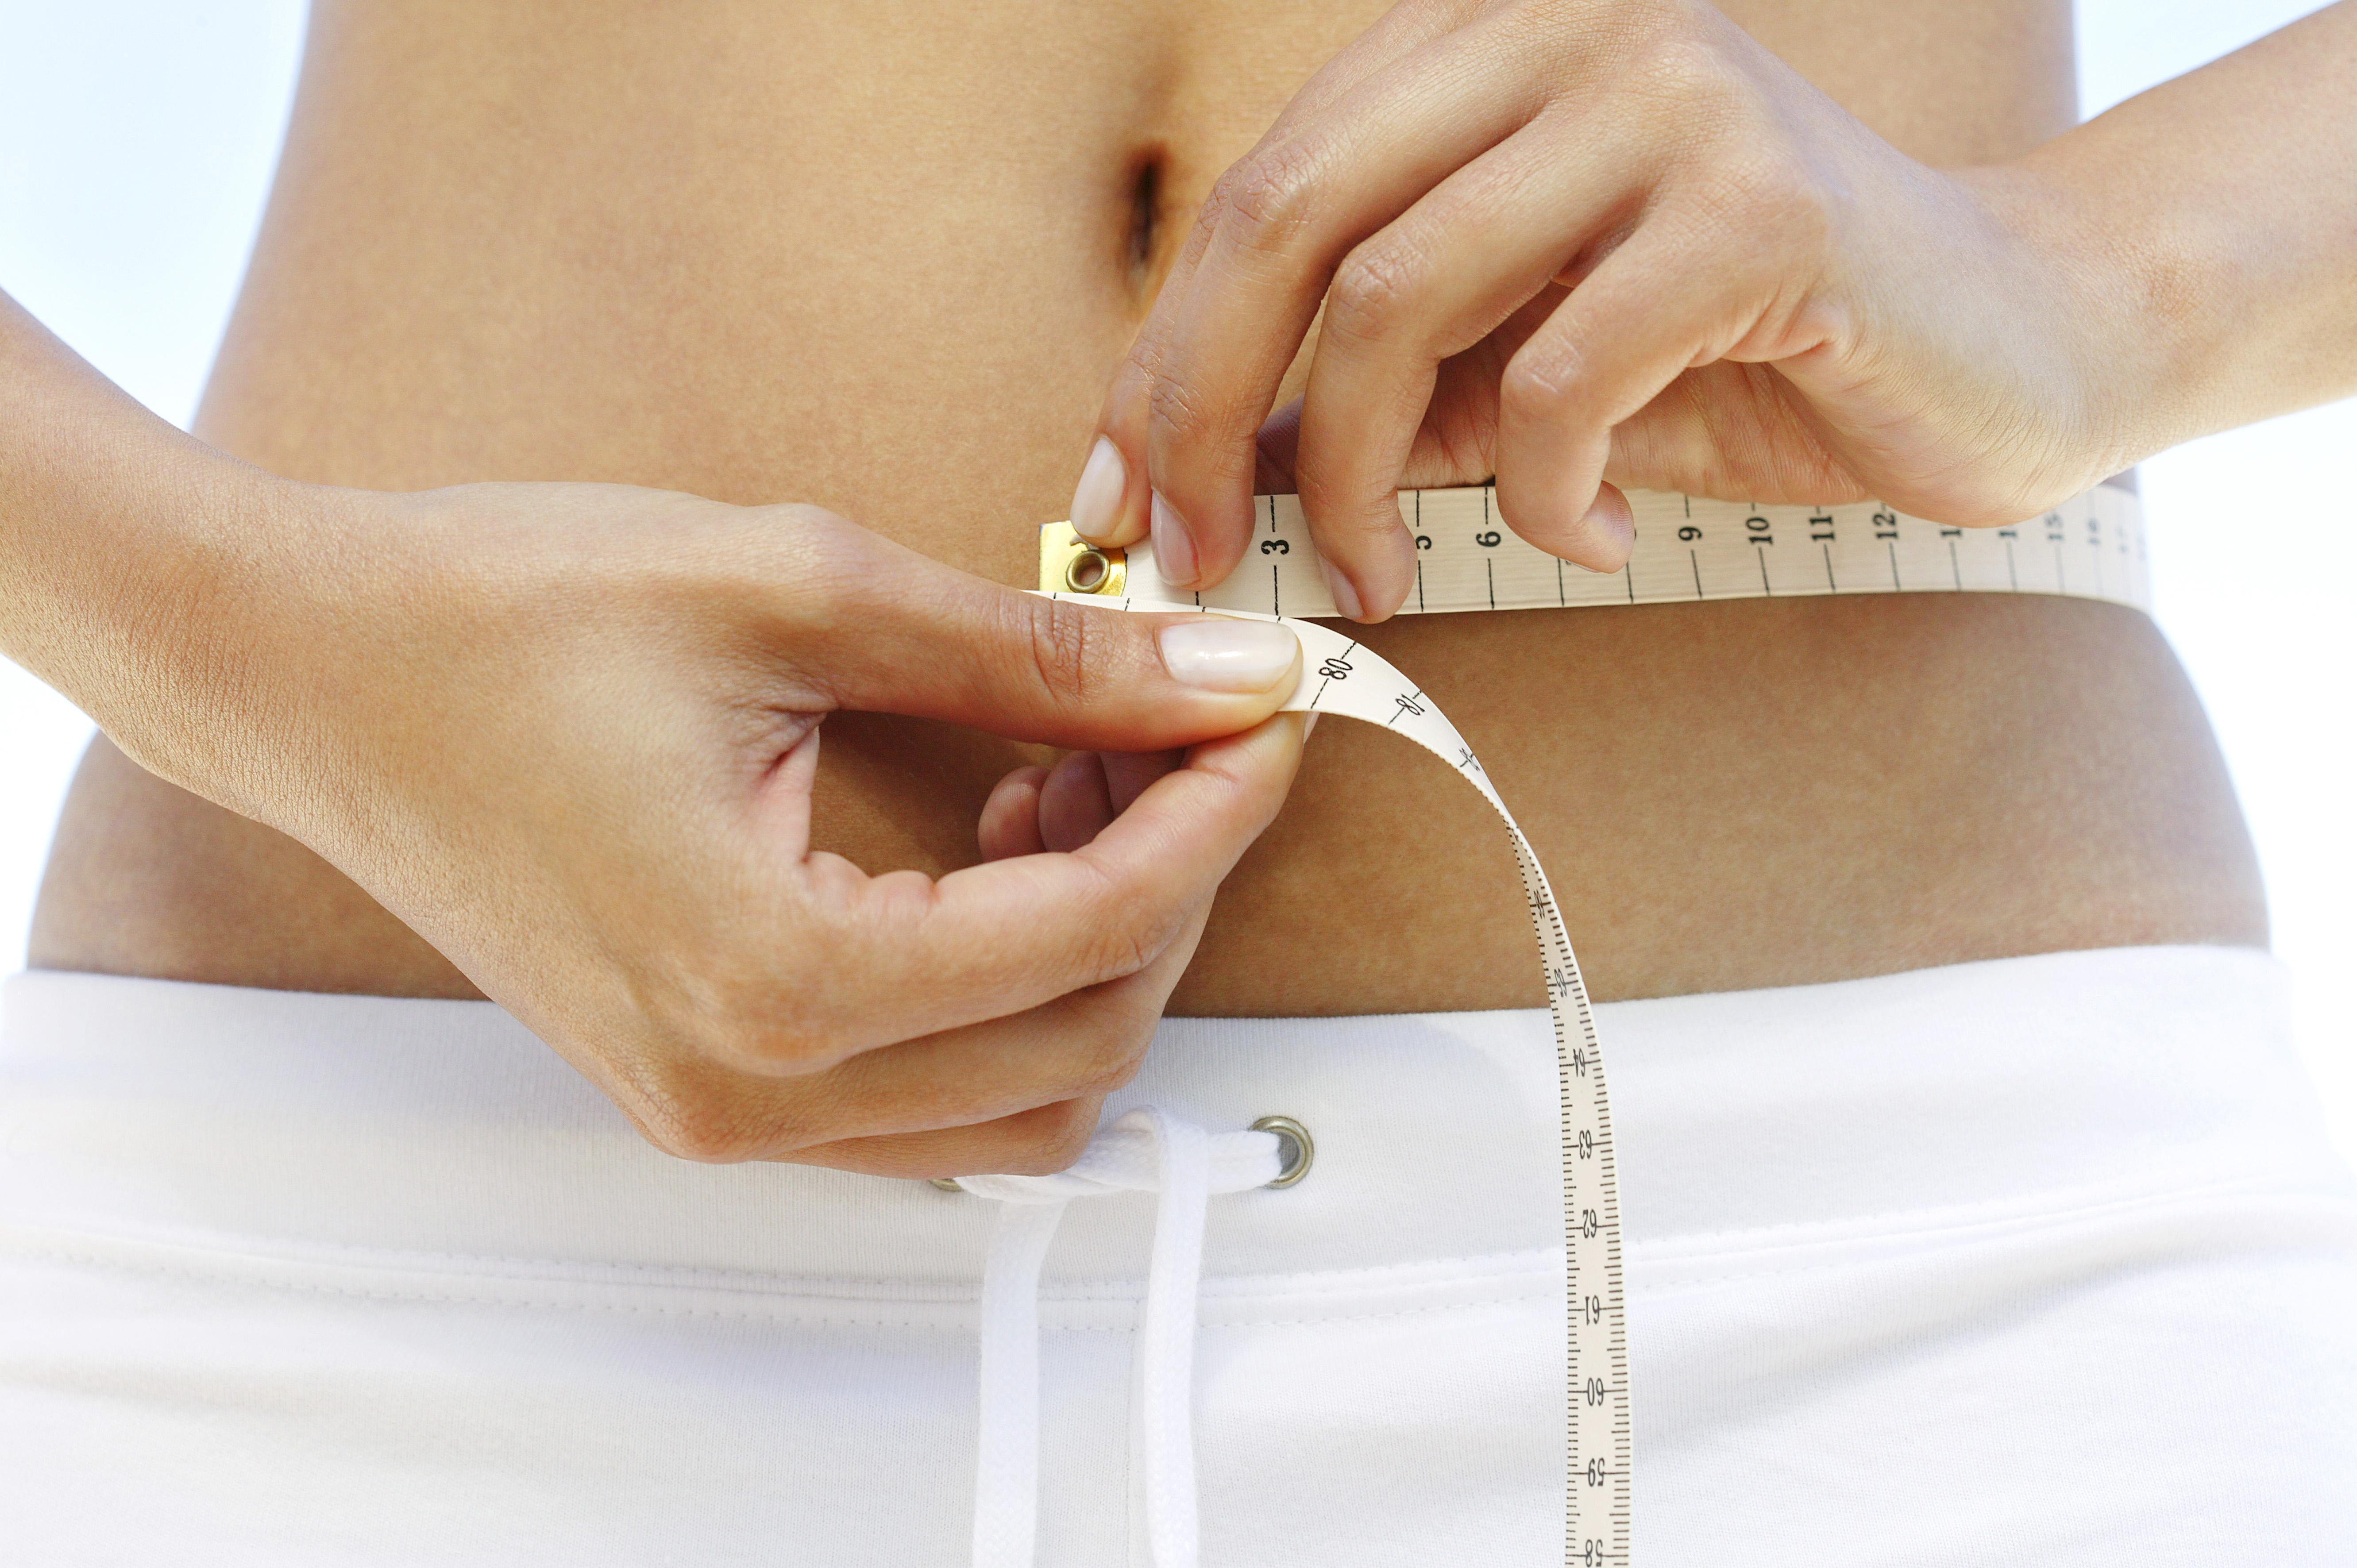 Quitosana: Suplemento para Perder Peso e Como Usá-la Junto com Exercícios